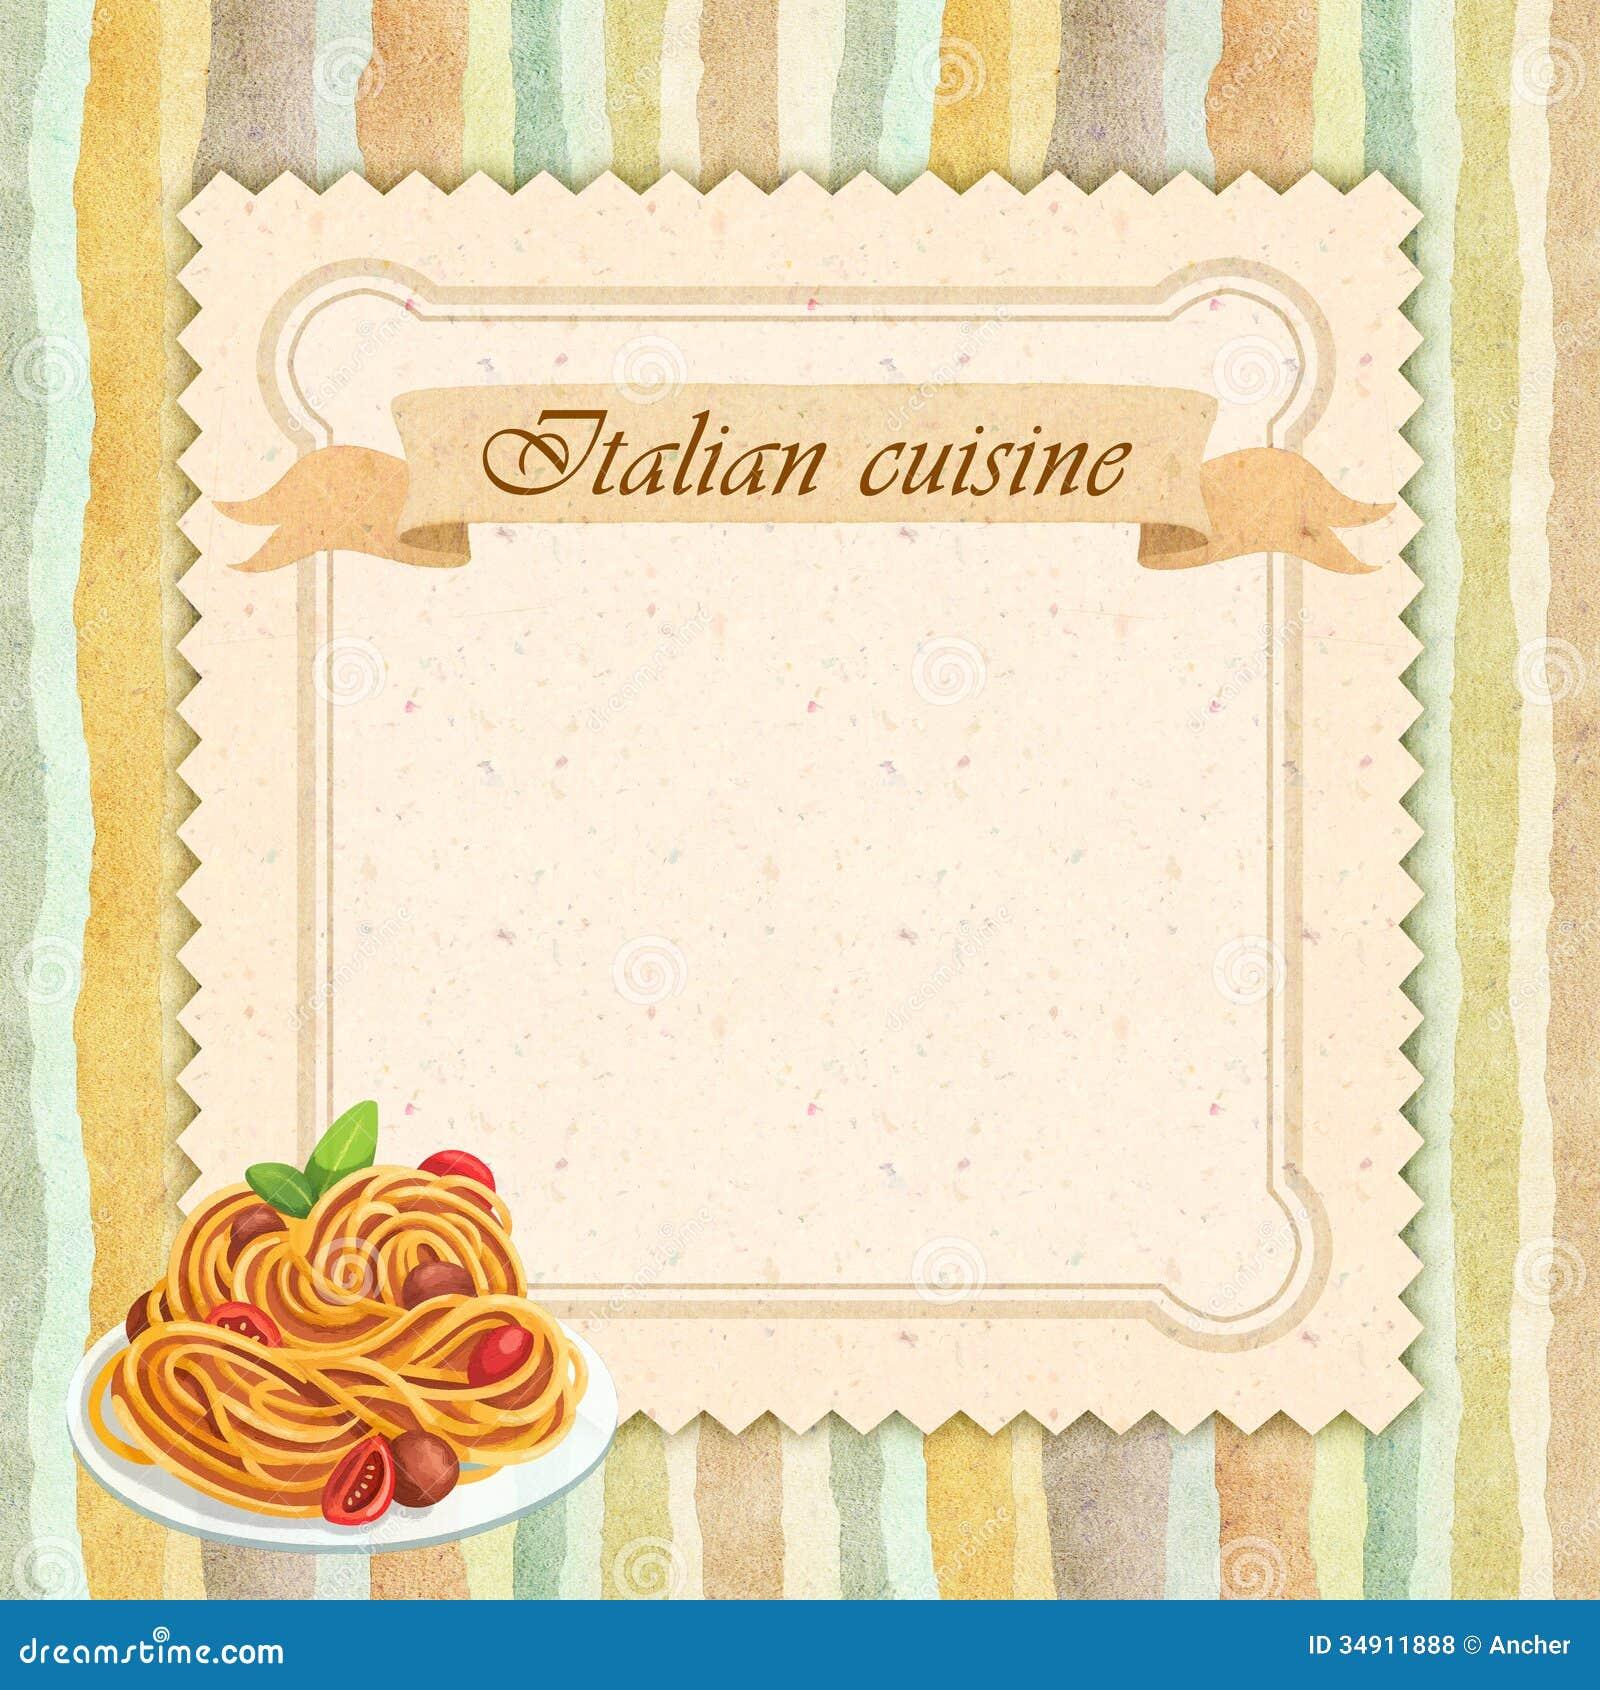 Images Clipart De Restaurant